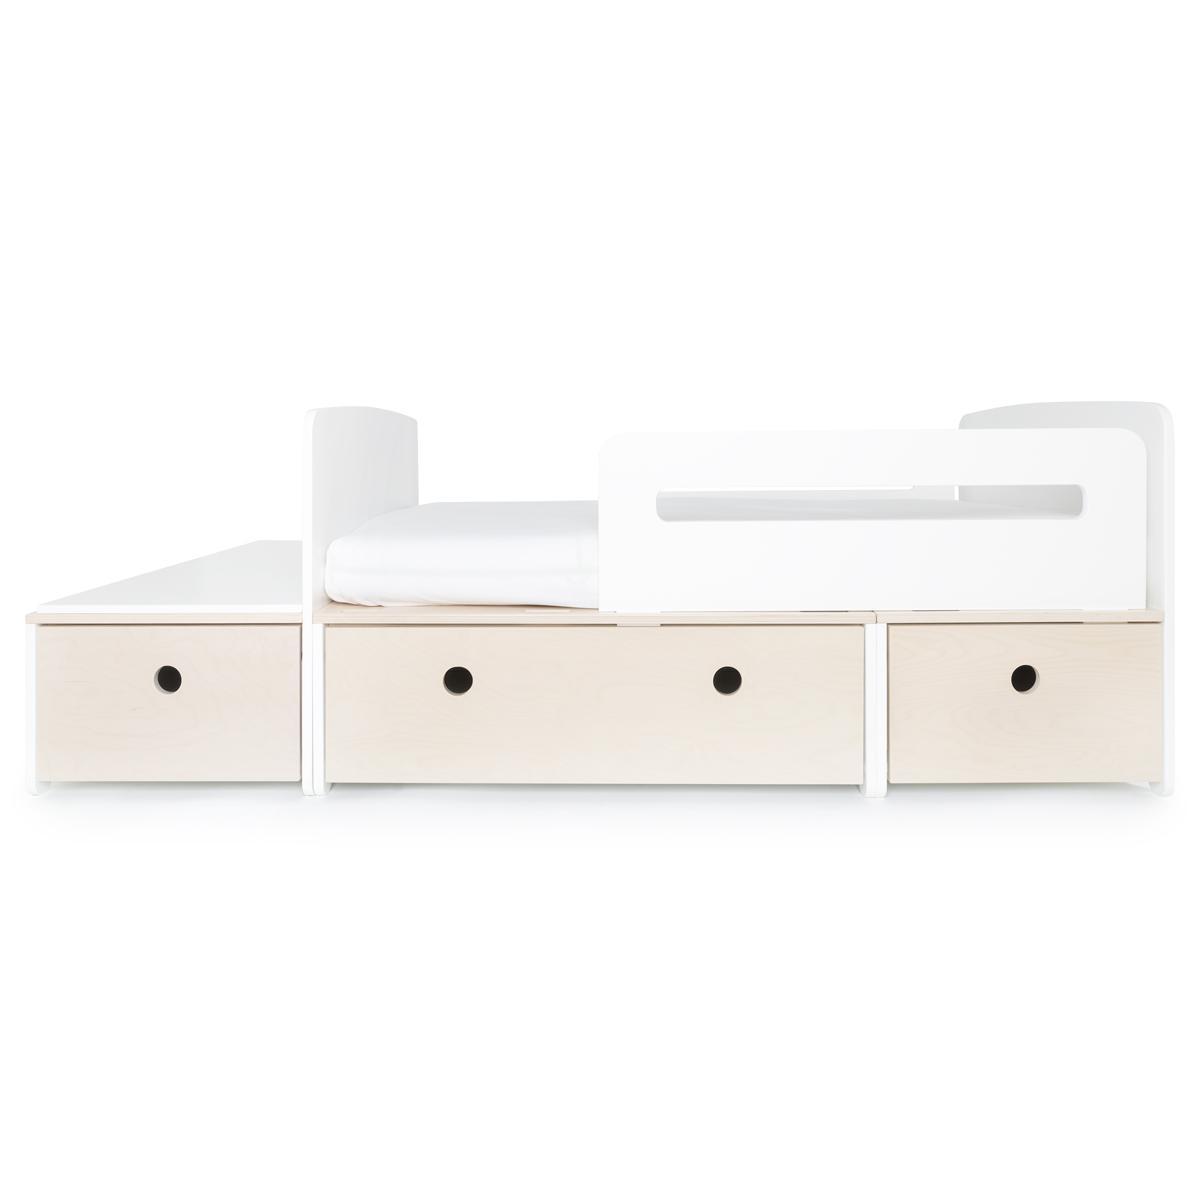 Juniorbett mitwachsend 90x150/200cm COLORFLEX white wash